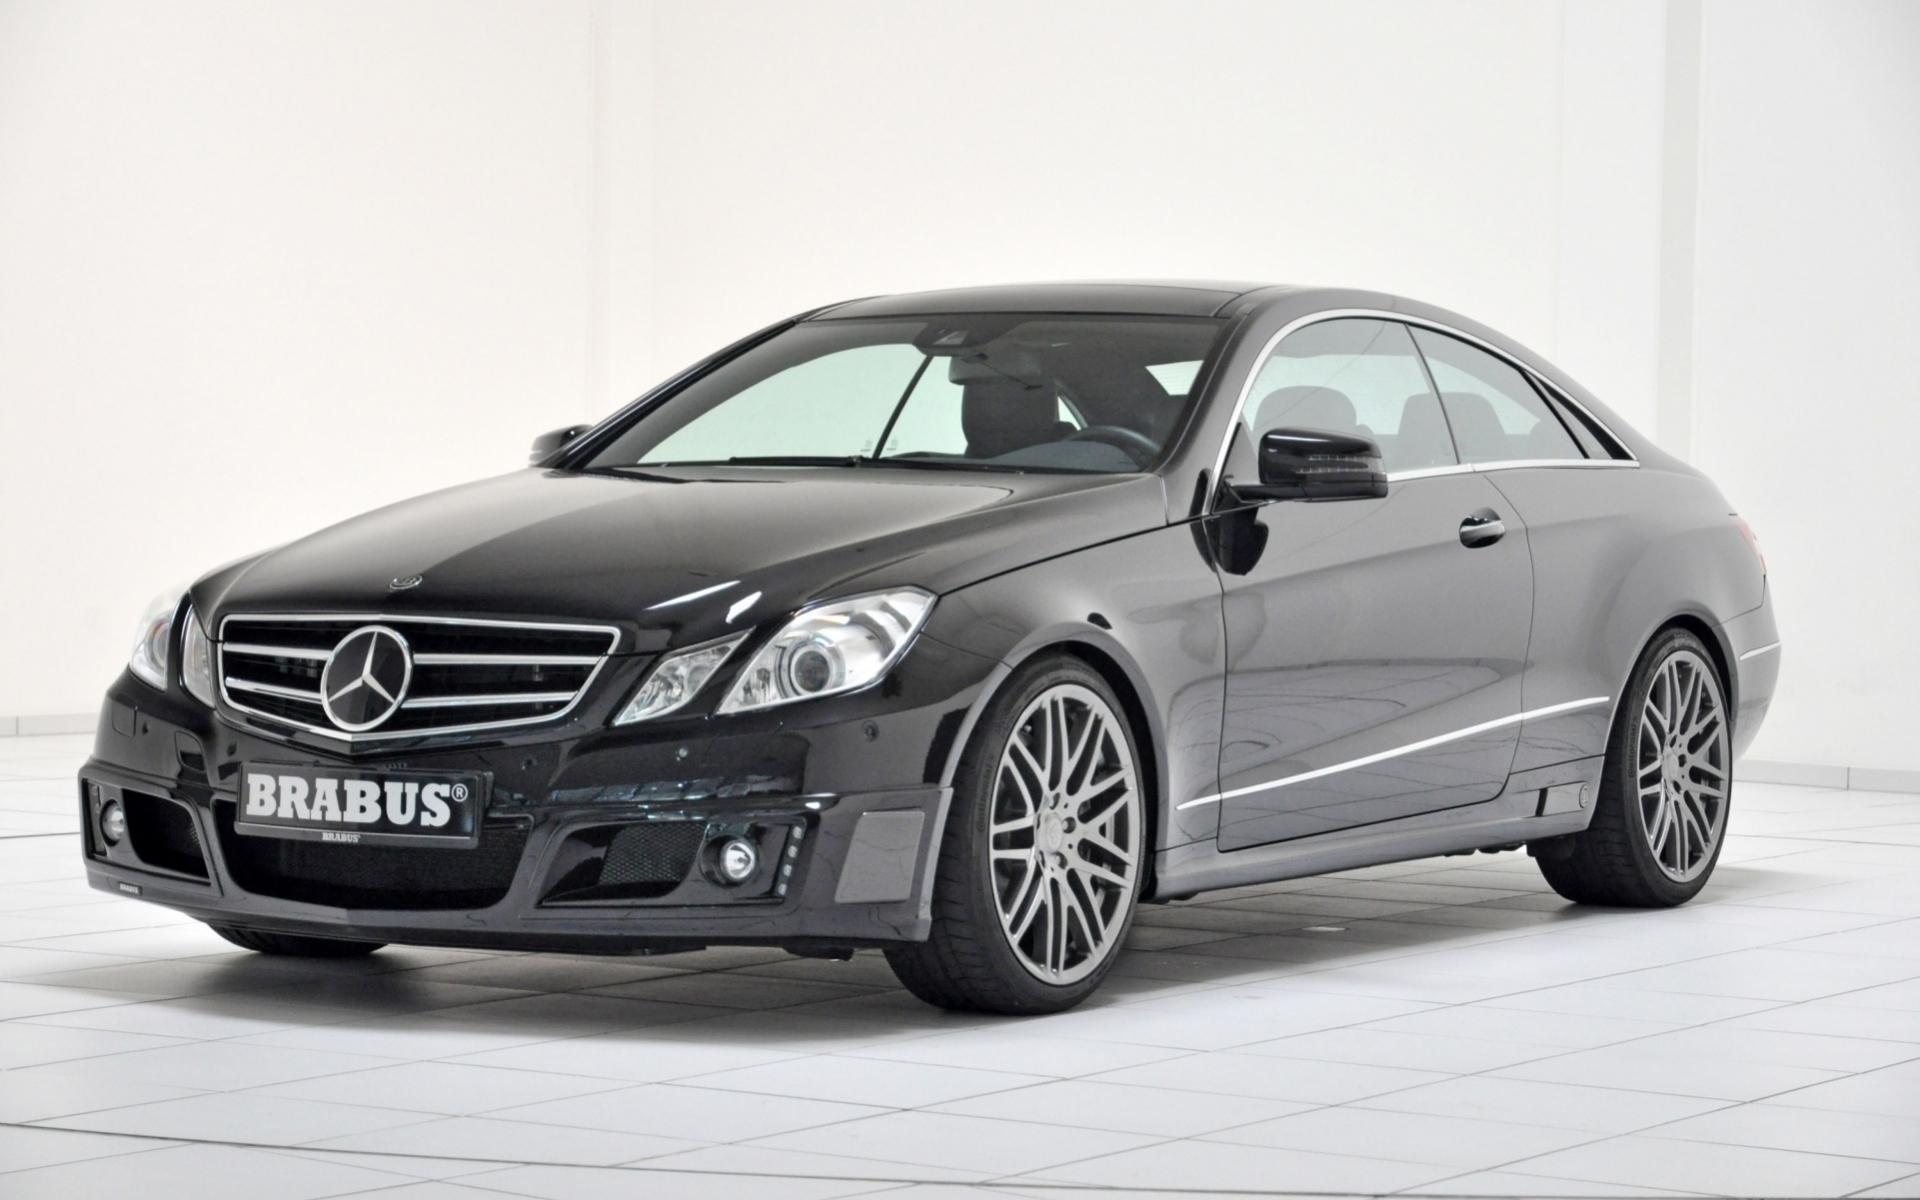 49485 скачать обои Транспорт, Машины, Мерседес (Mercedes) - заставки и картинки бесплатно